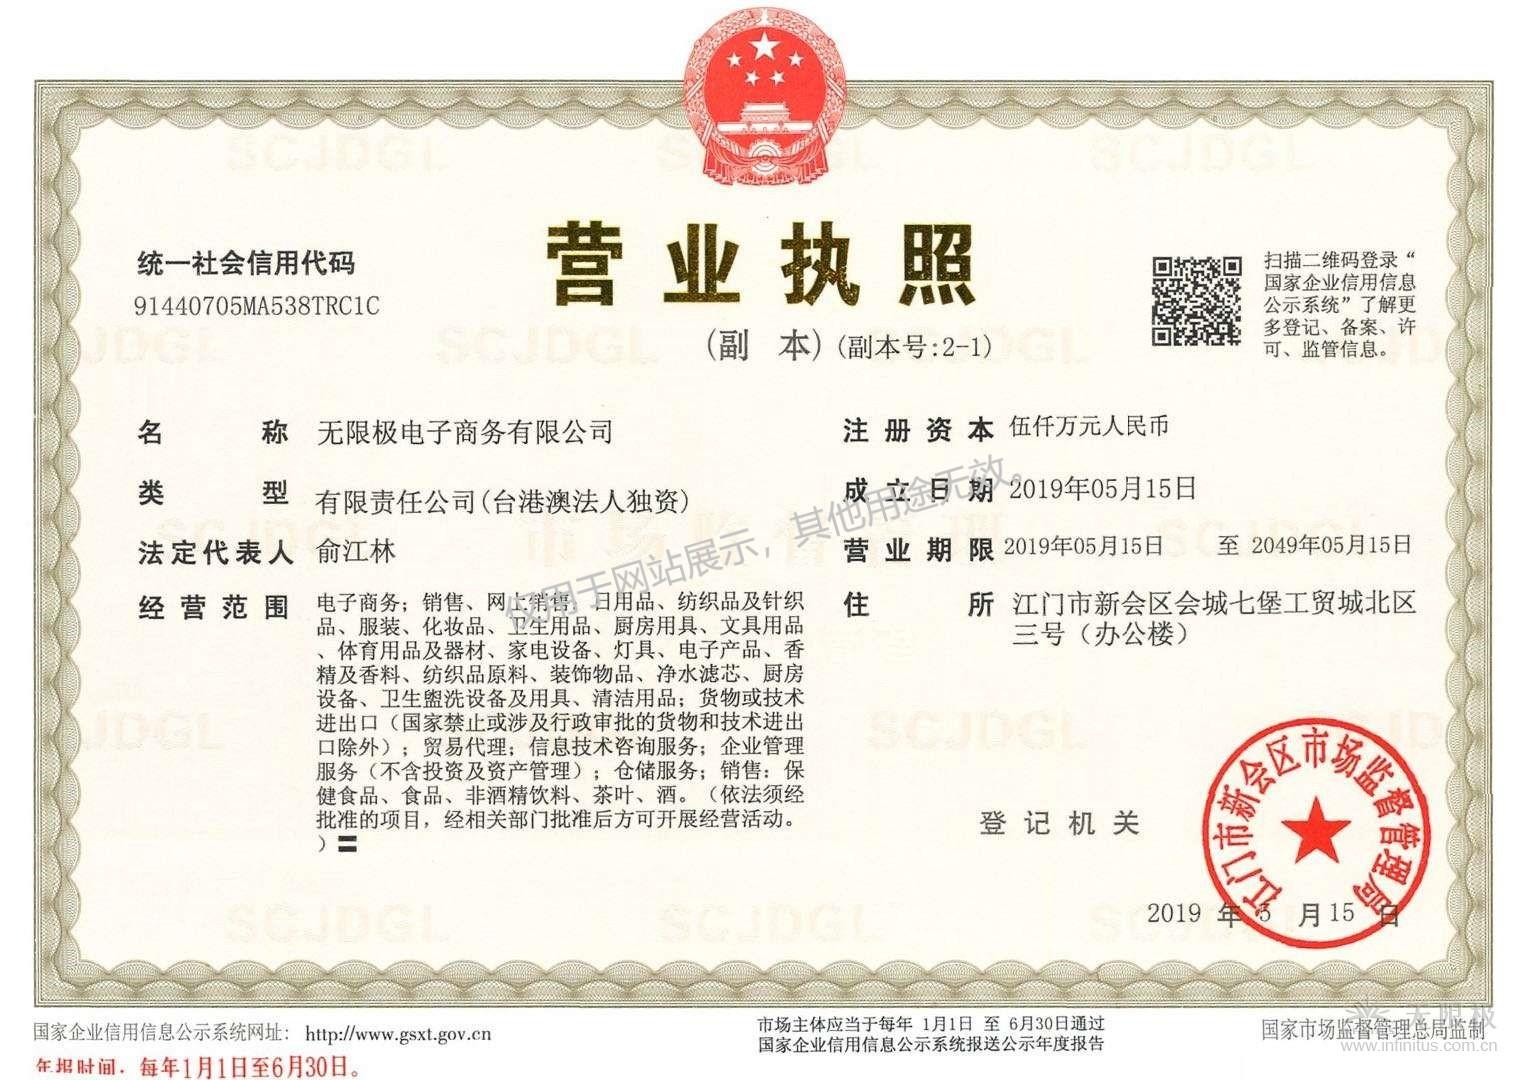 无限极电子商务有限公司营业执照副本1